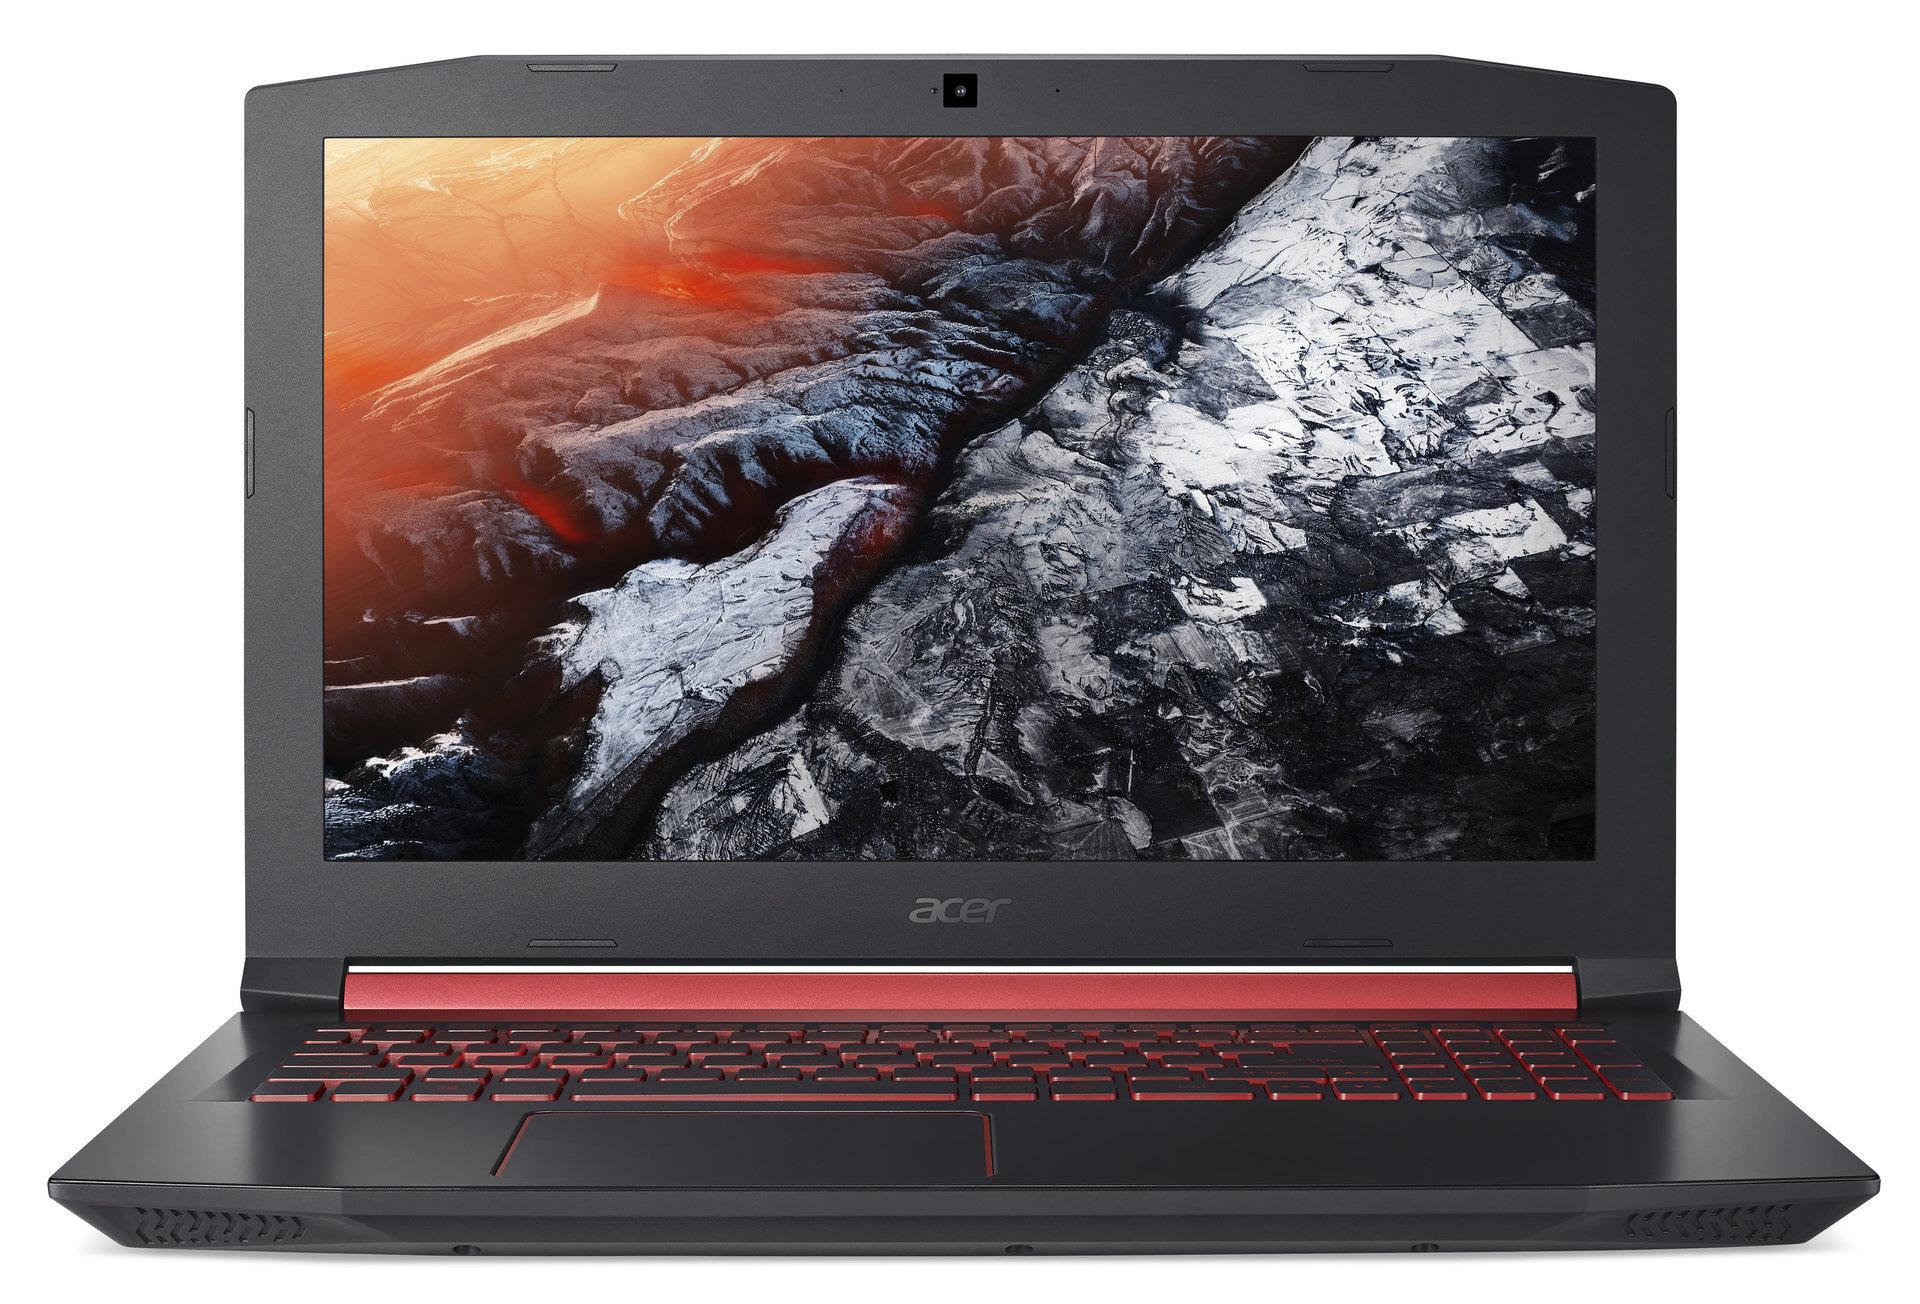 Acer debiutuje z nową linią notebooków Nitro 5 przeznaczoną dla okazjonalnych graczy